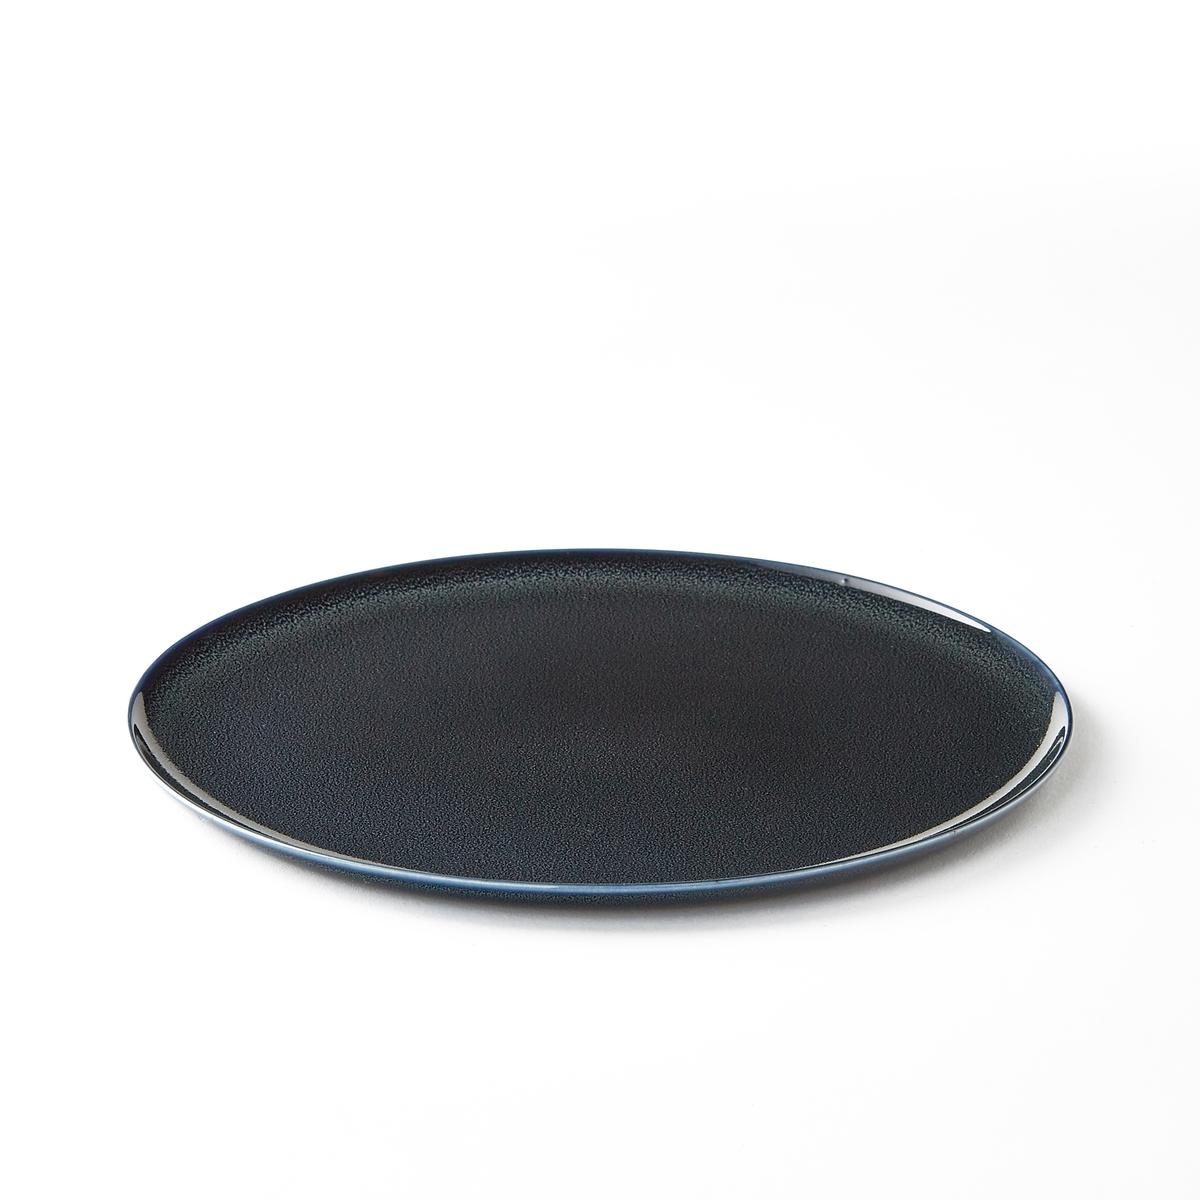 Тарелка мелкая из керамики, диаметр 26 см, BanokaМелкая тарелка из керамики, покрытой глазурью, Banoka придаст Вашему интерьеру ярких цветов и перенесет Ваших гостей в мечту. Размеры : диаметр 26 x высота 0,50 см.<br><br>Цвет: красный,серо-синий